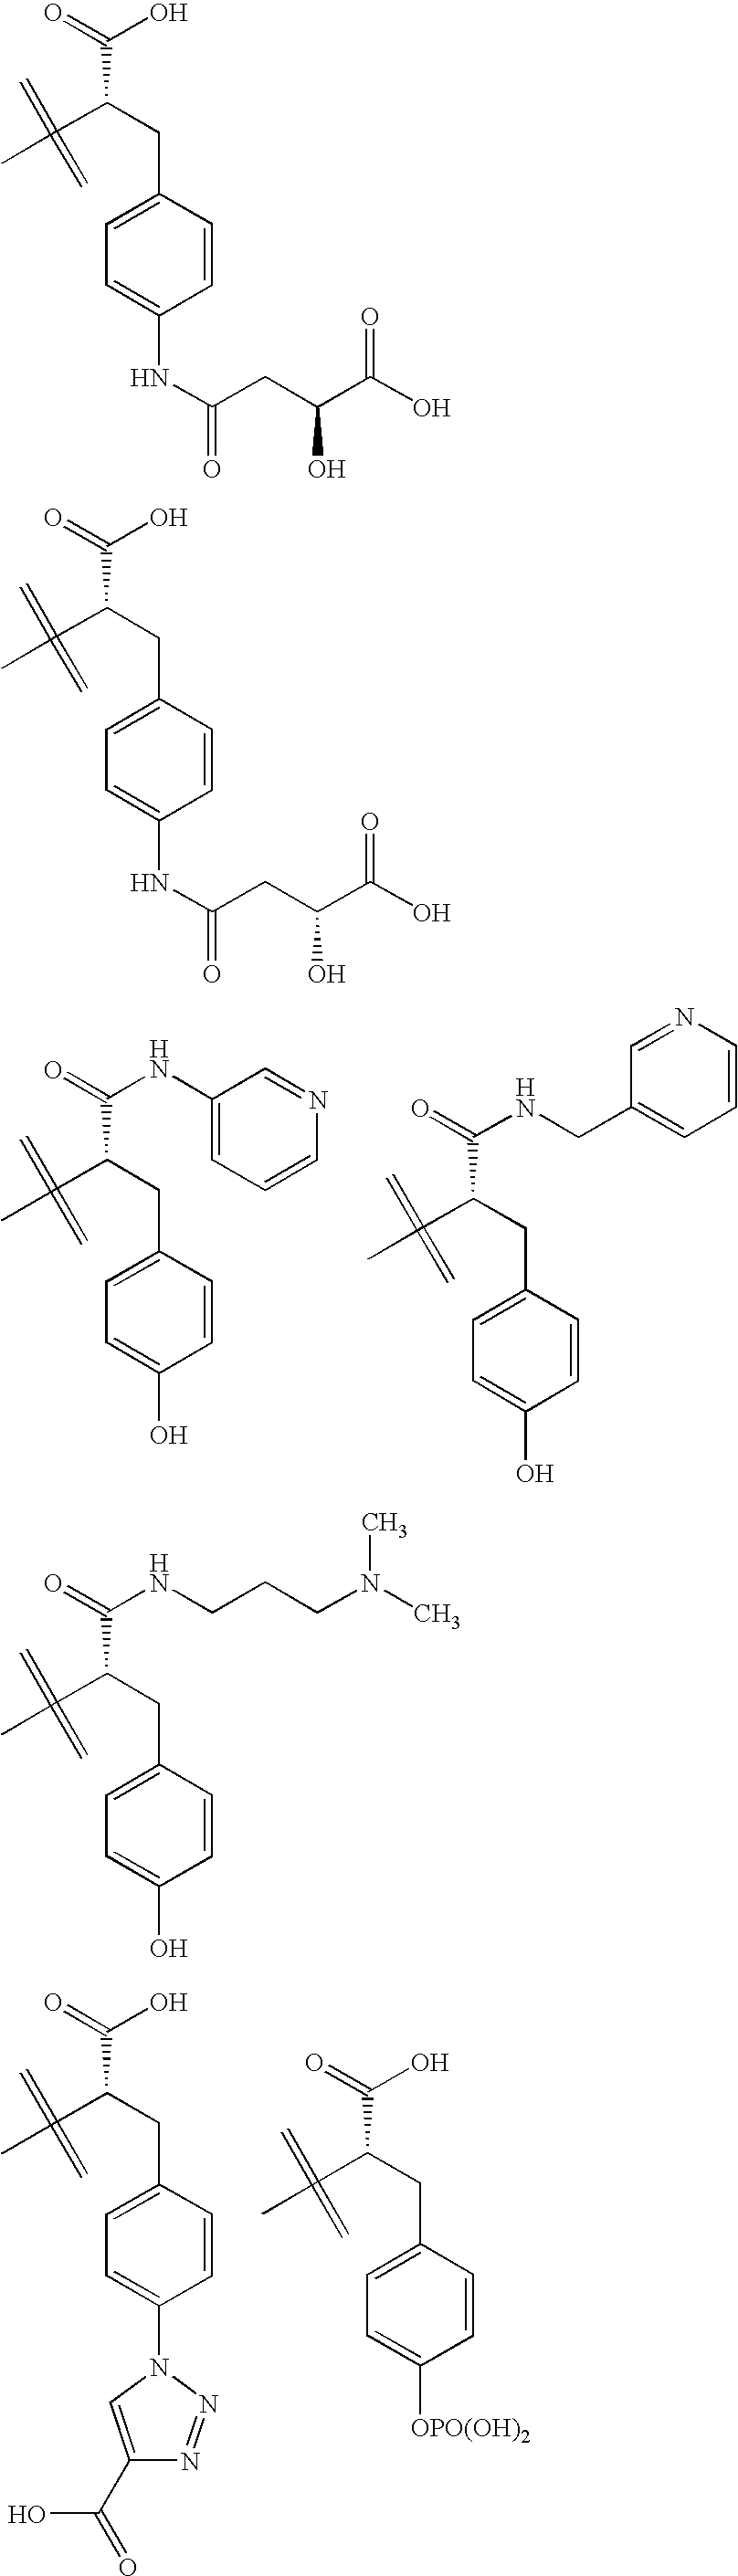 Figure US20070049593A1-20070301-C00131